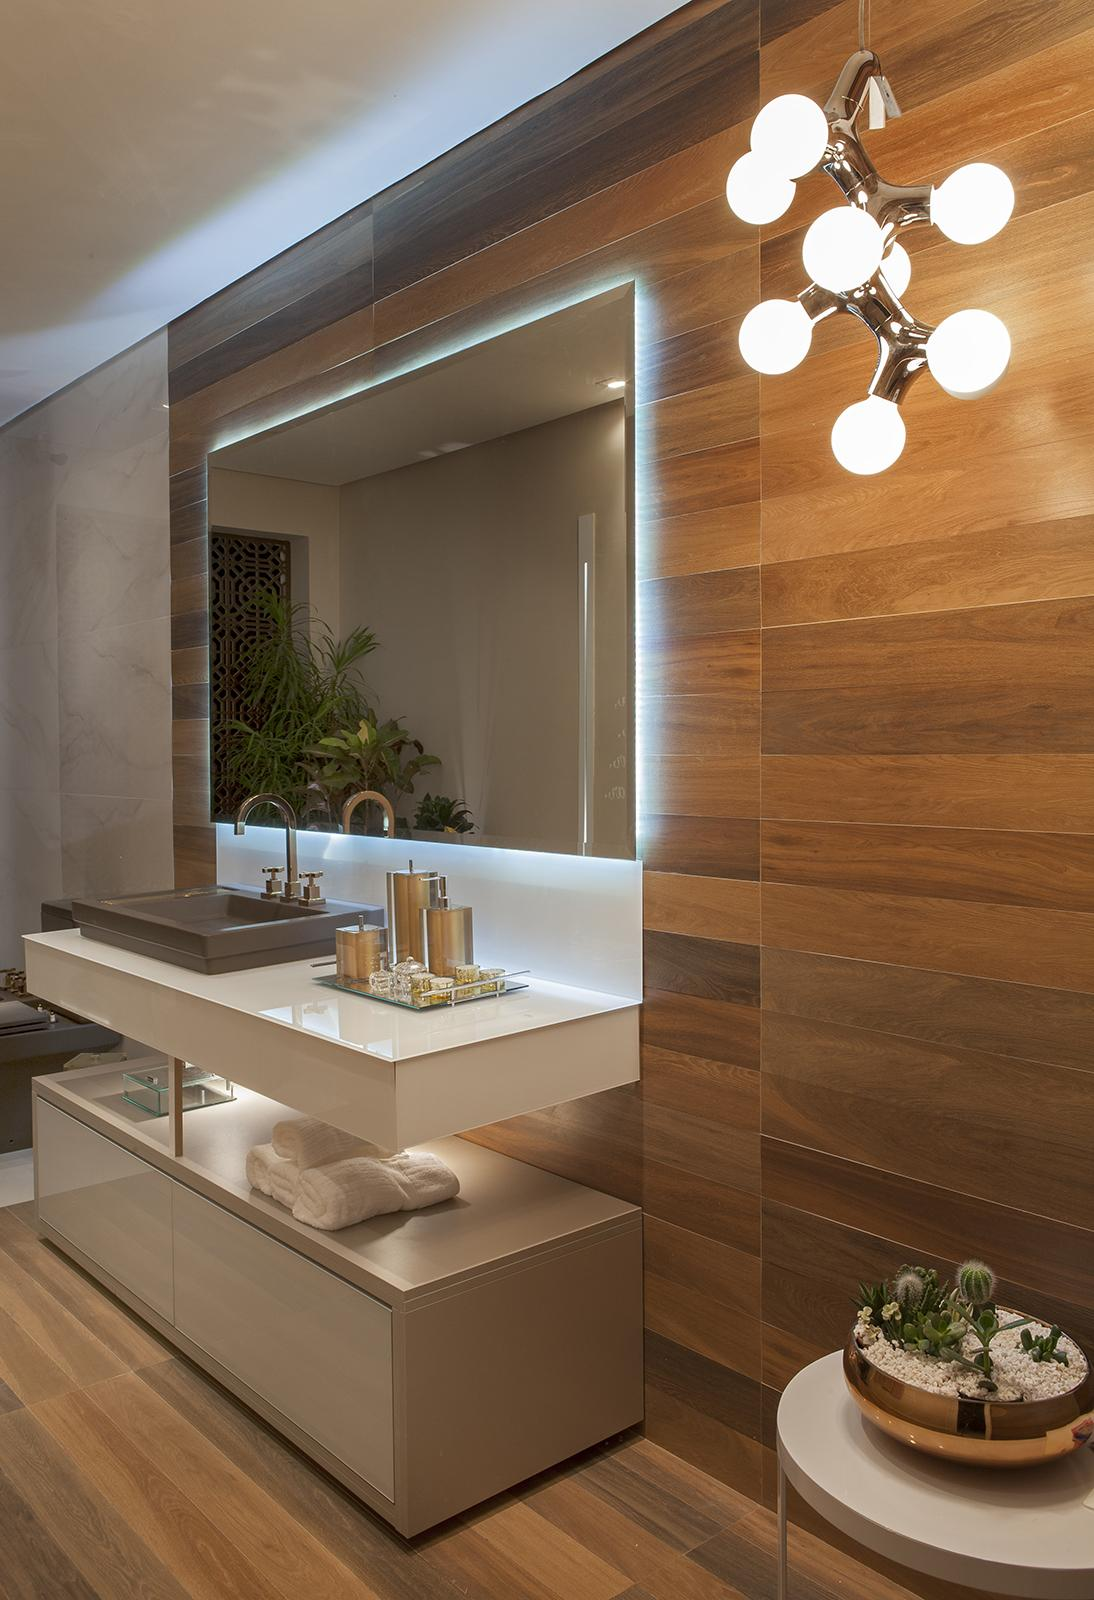 Pisos que Imitam Madeira 60 Fotos e Ideias -> Banheiro Decorado Com Material Reciclado